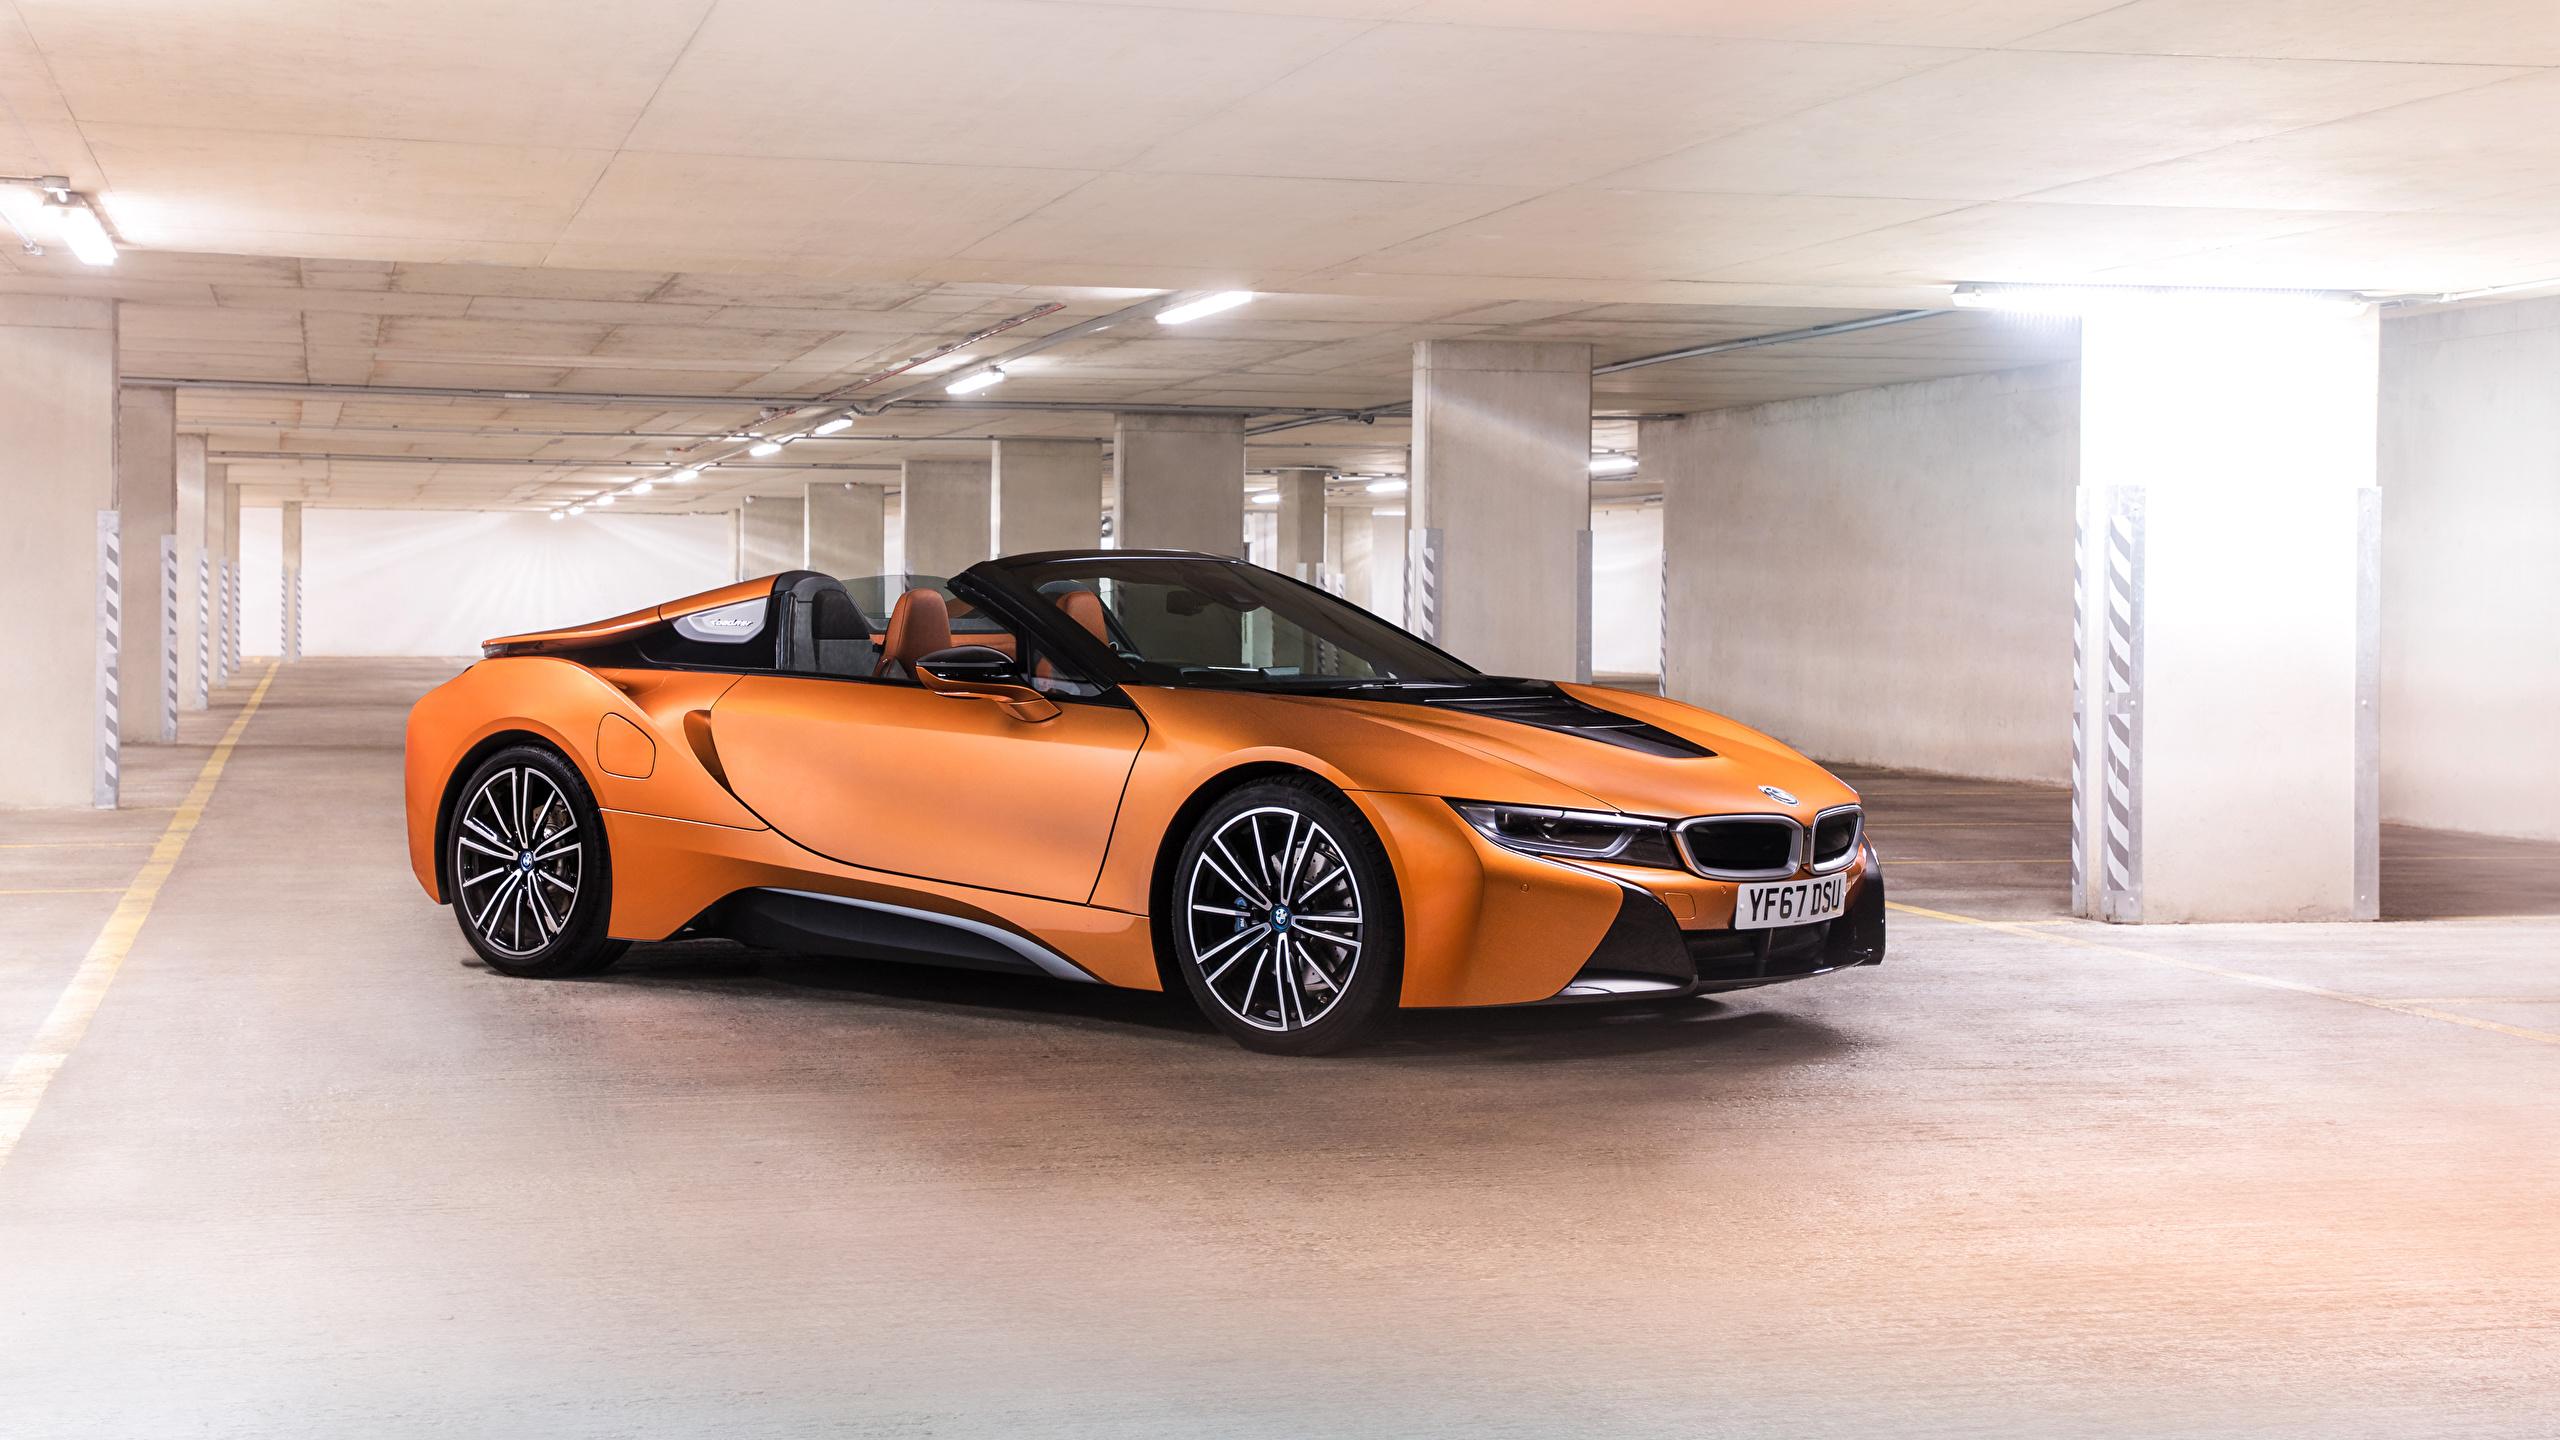 Фото BMW 2018 i8 Roadster Родстер Оранжевый авто 2560x1440 БМВ оранжевых оранжевые оранжевая машина машины автомобиль Автомобили